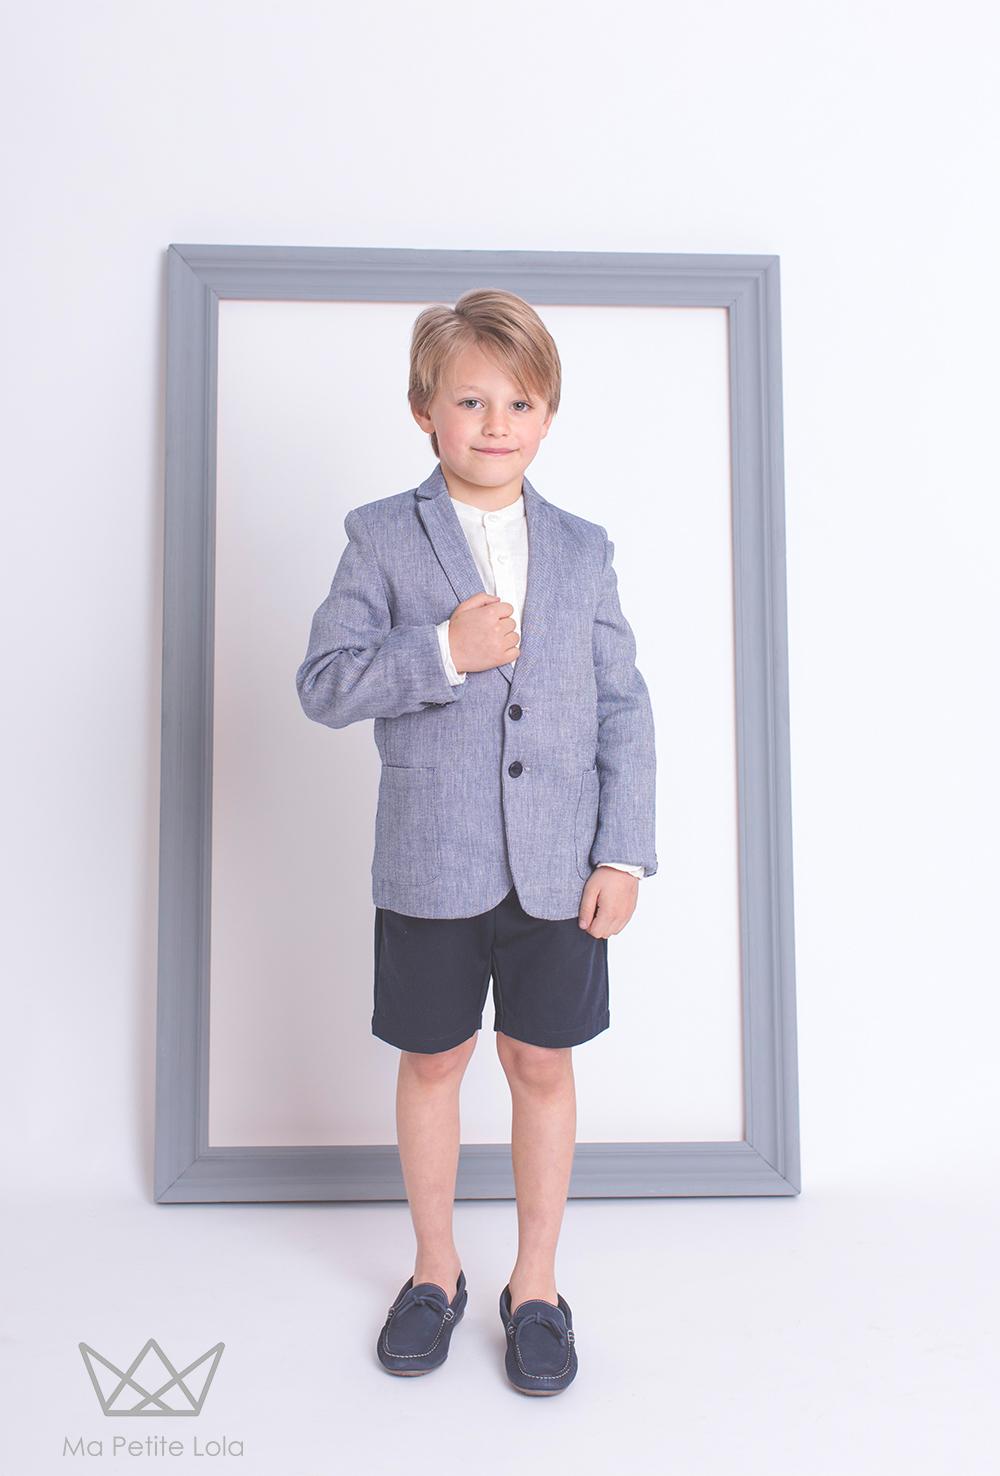 Americanas chicos, moda infantil para bodas, moda infantil para comuniones, ropa vestir chicos, Ma Petite Lola